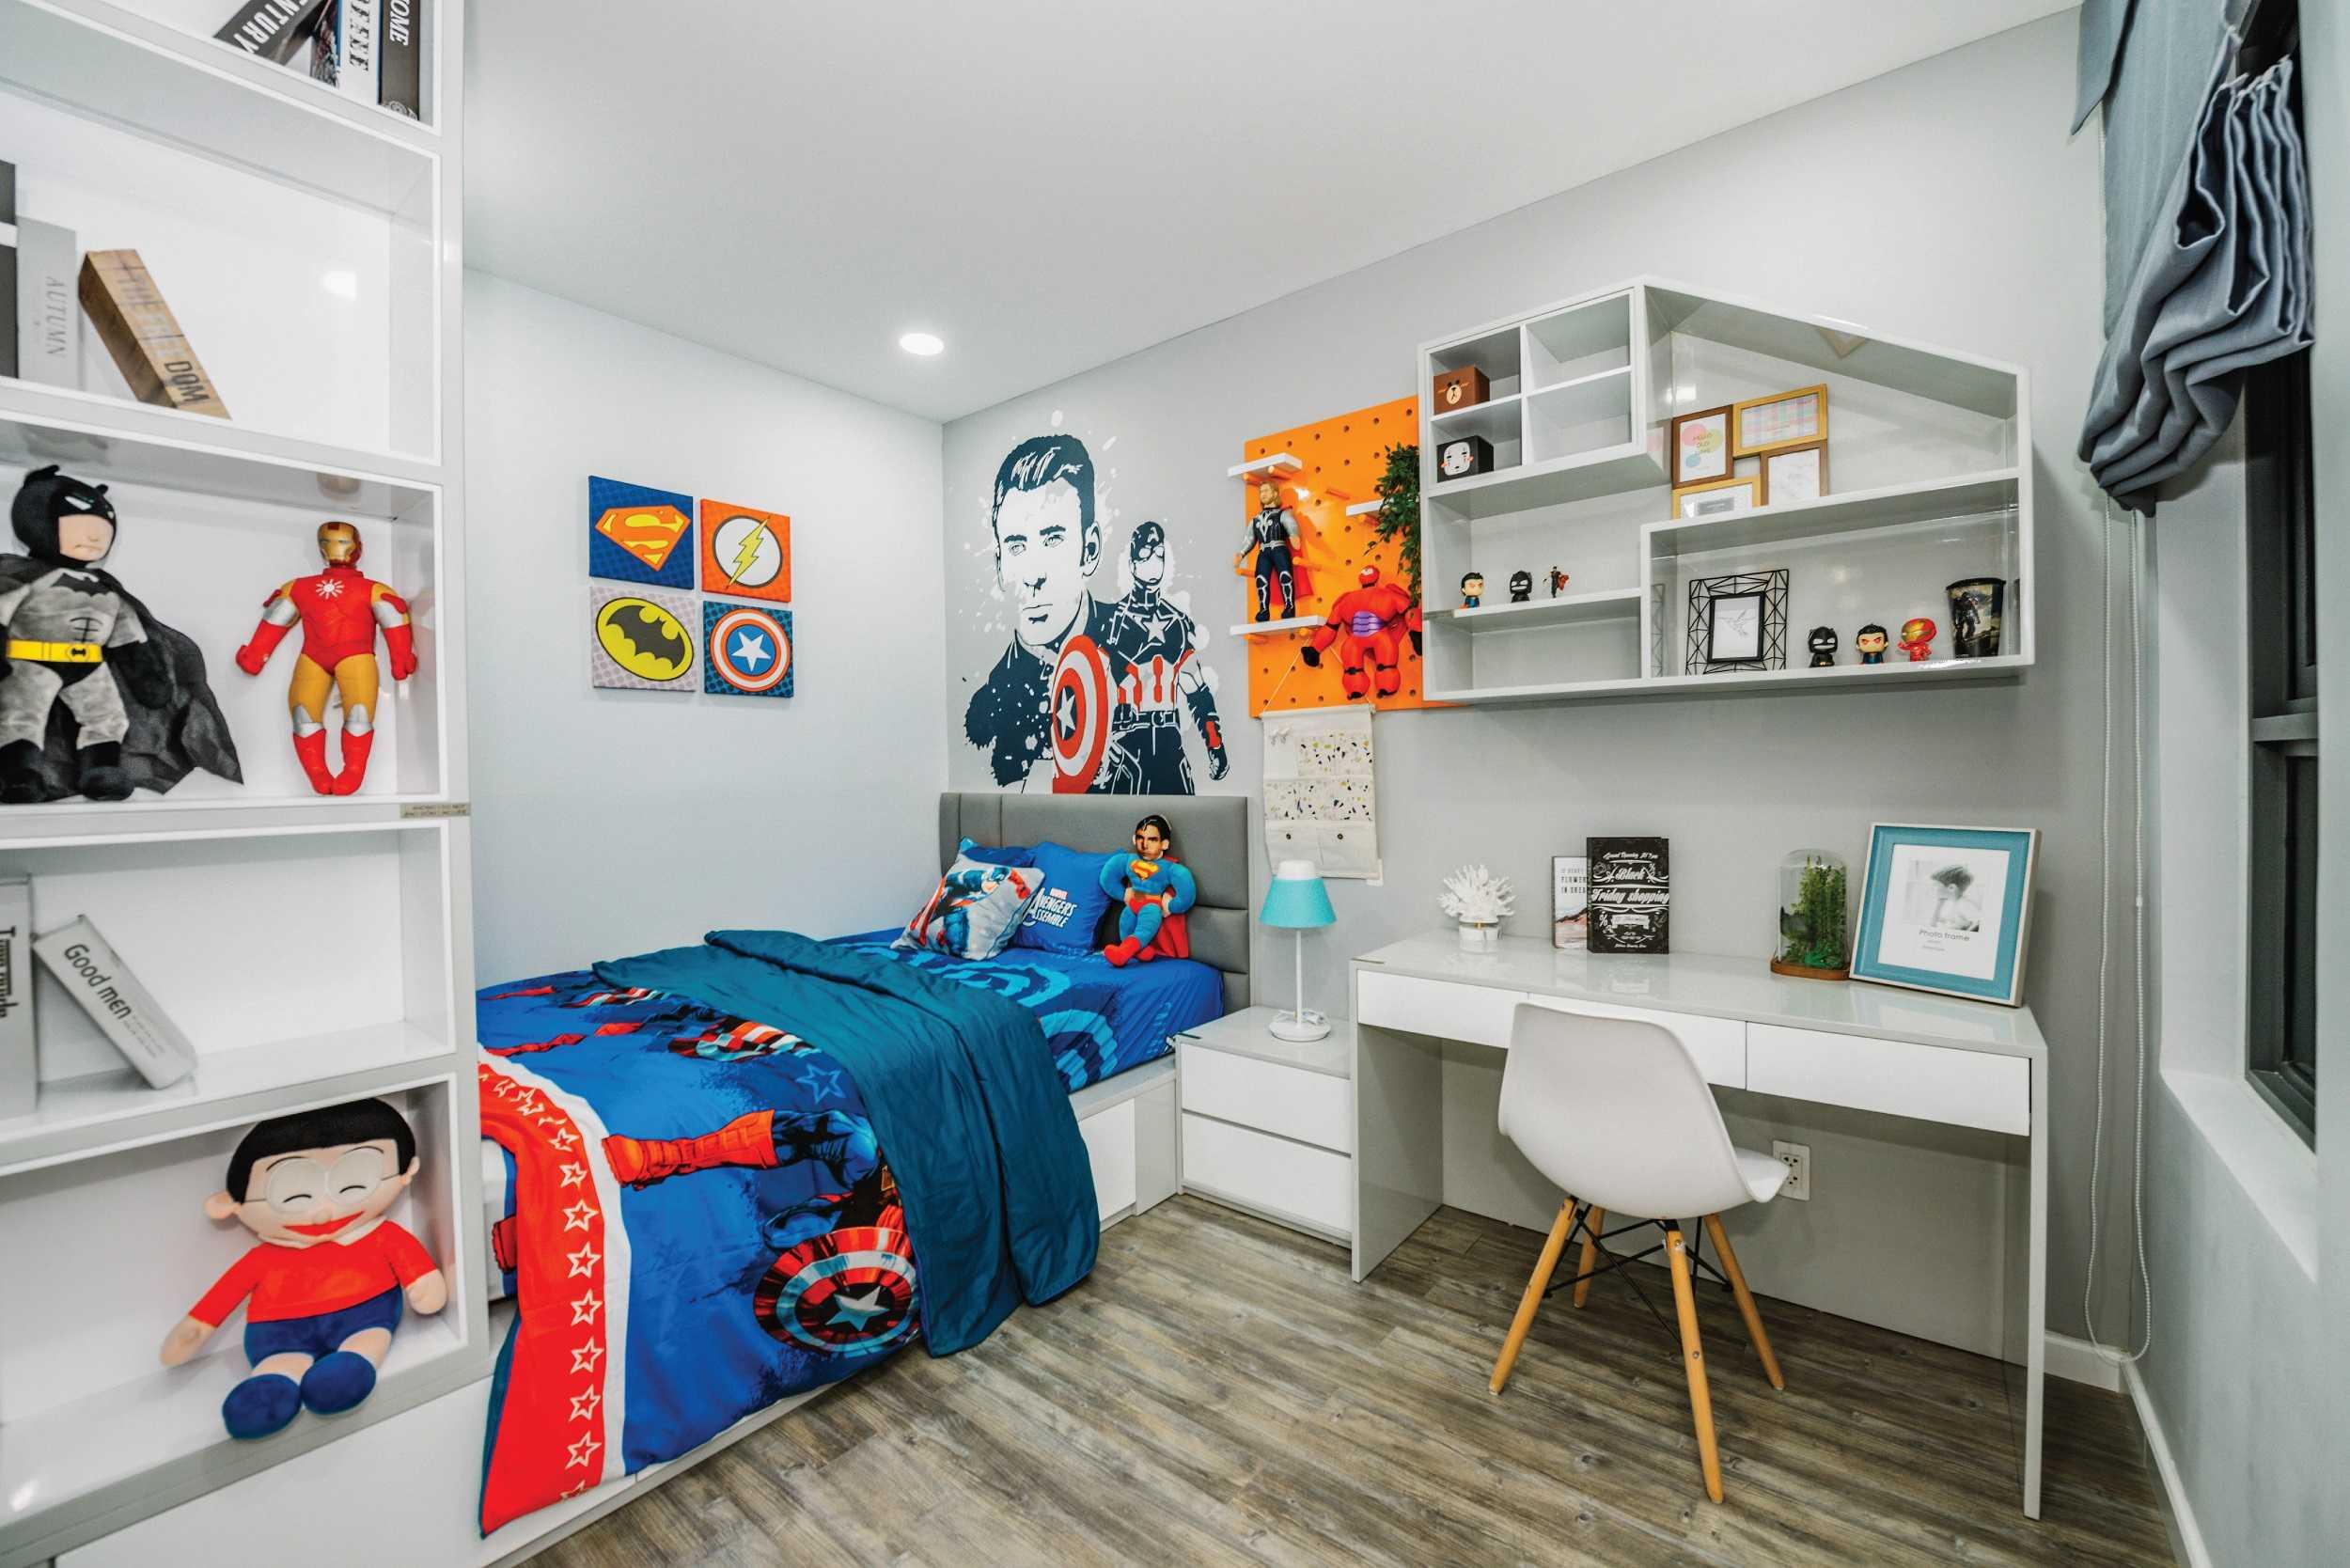 Bán lại căn hộ Happy One Bình Dương 2 phòng ngủ